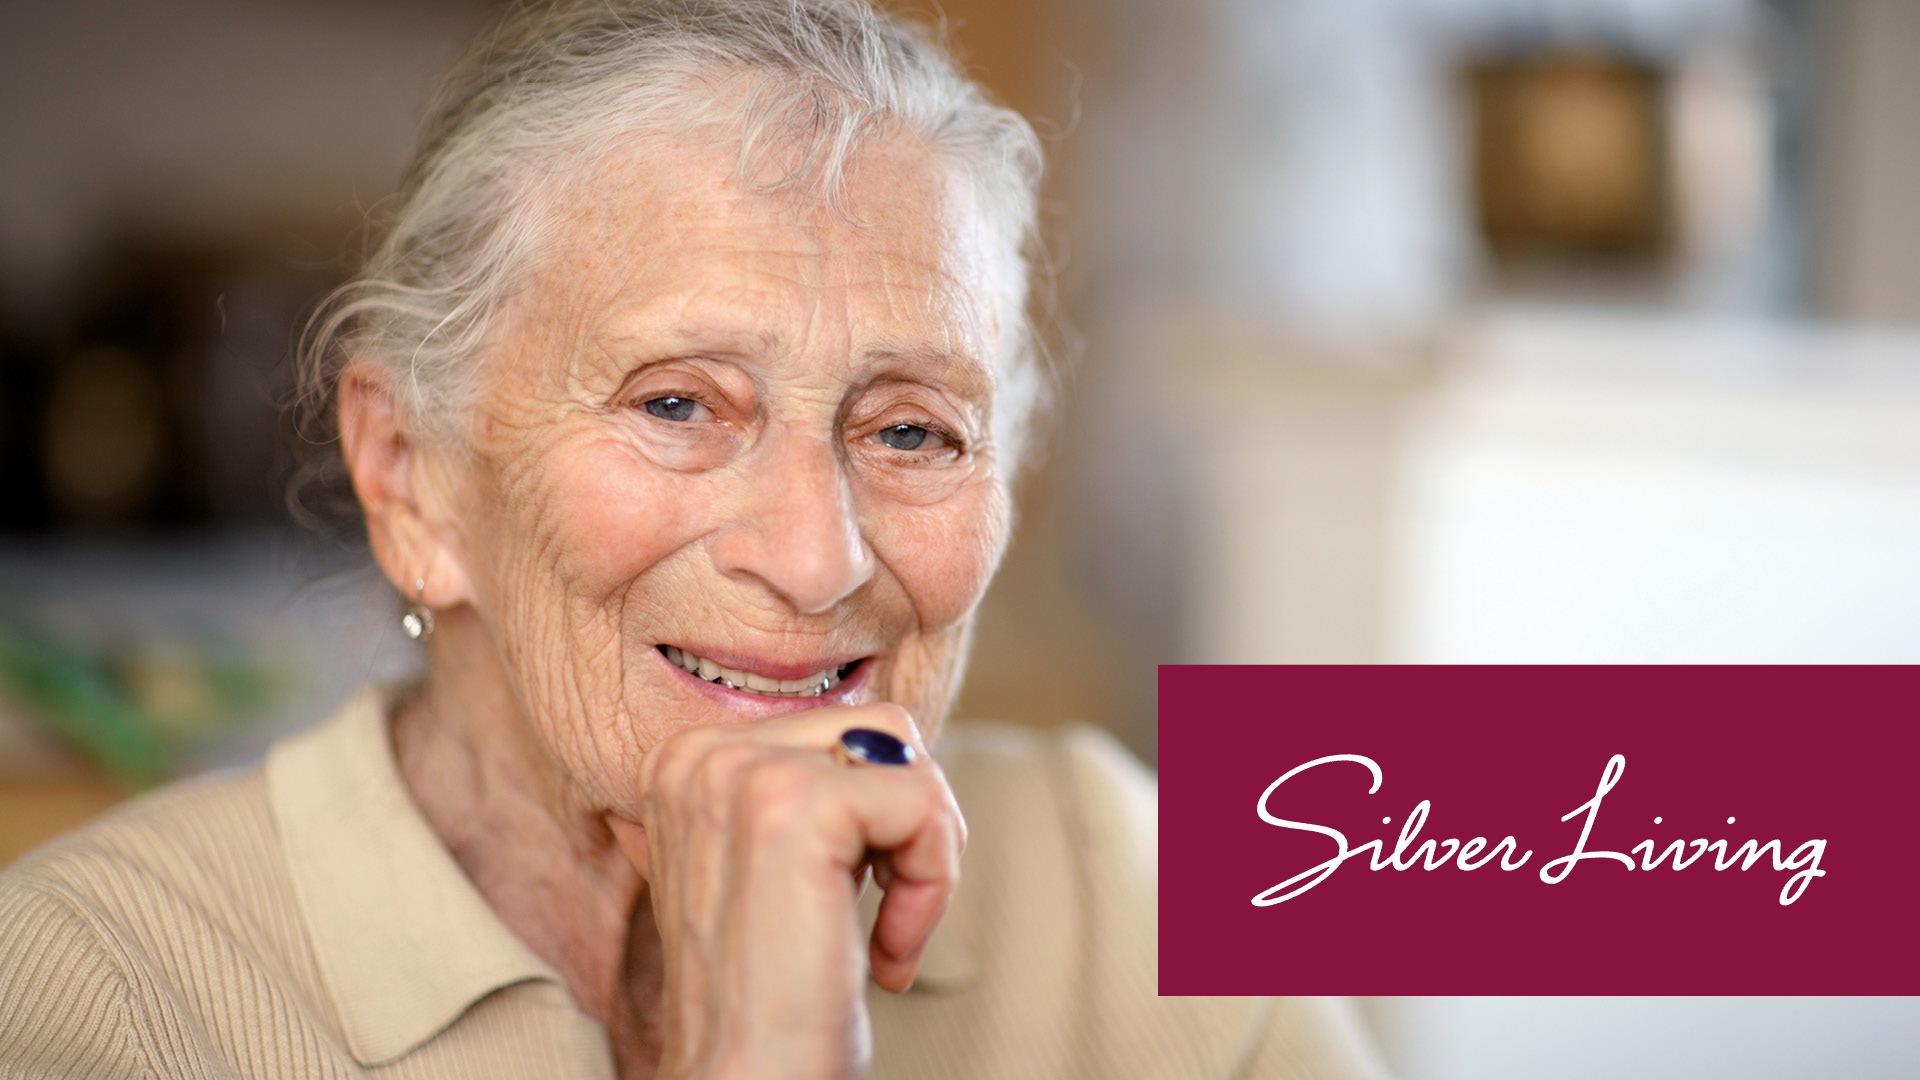 Zufrieden laechelnde Silver Agerin im Betreuten Wohnen von Silver Living